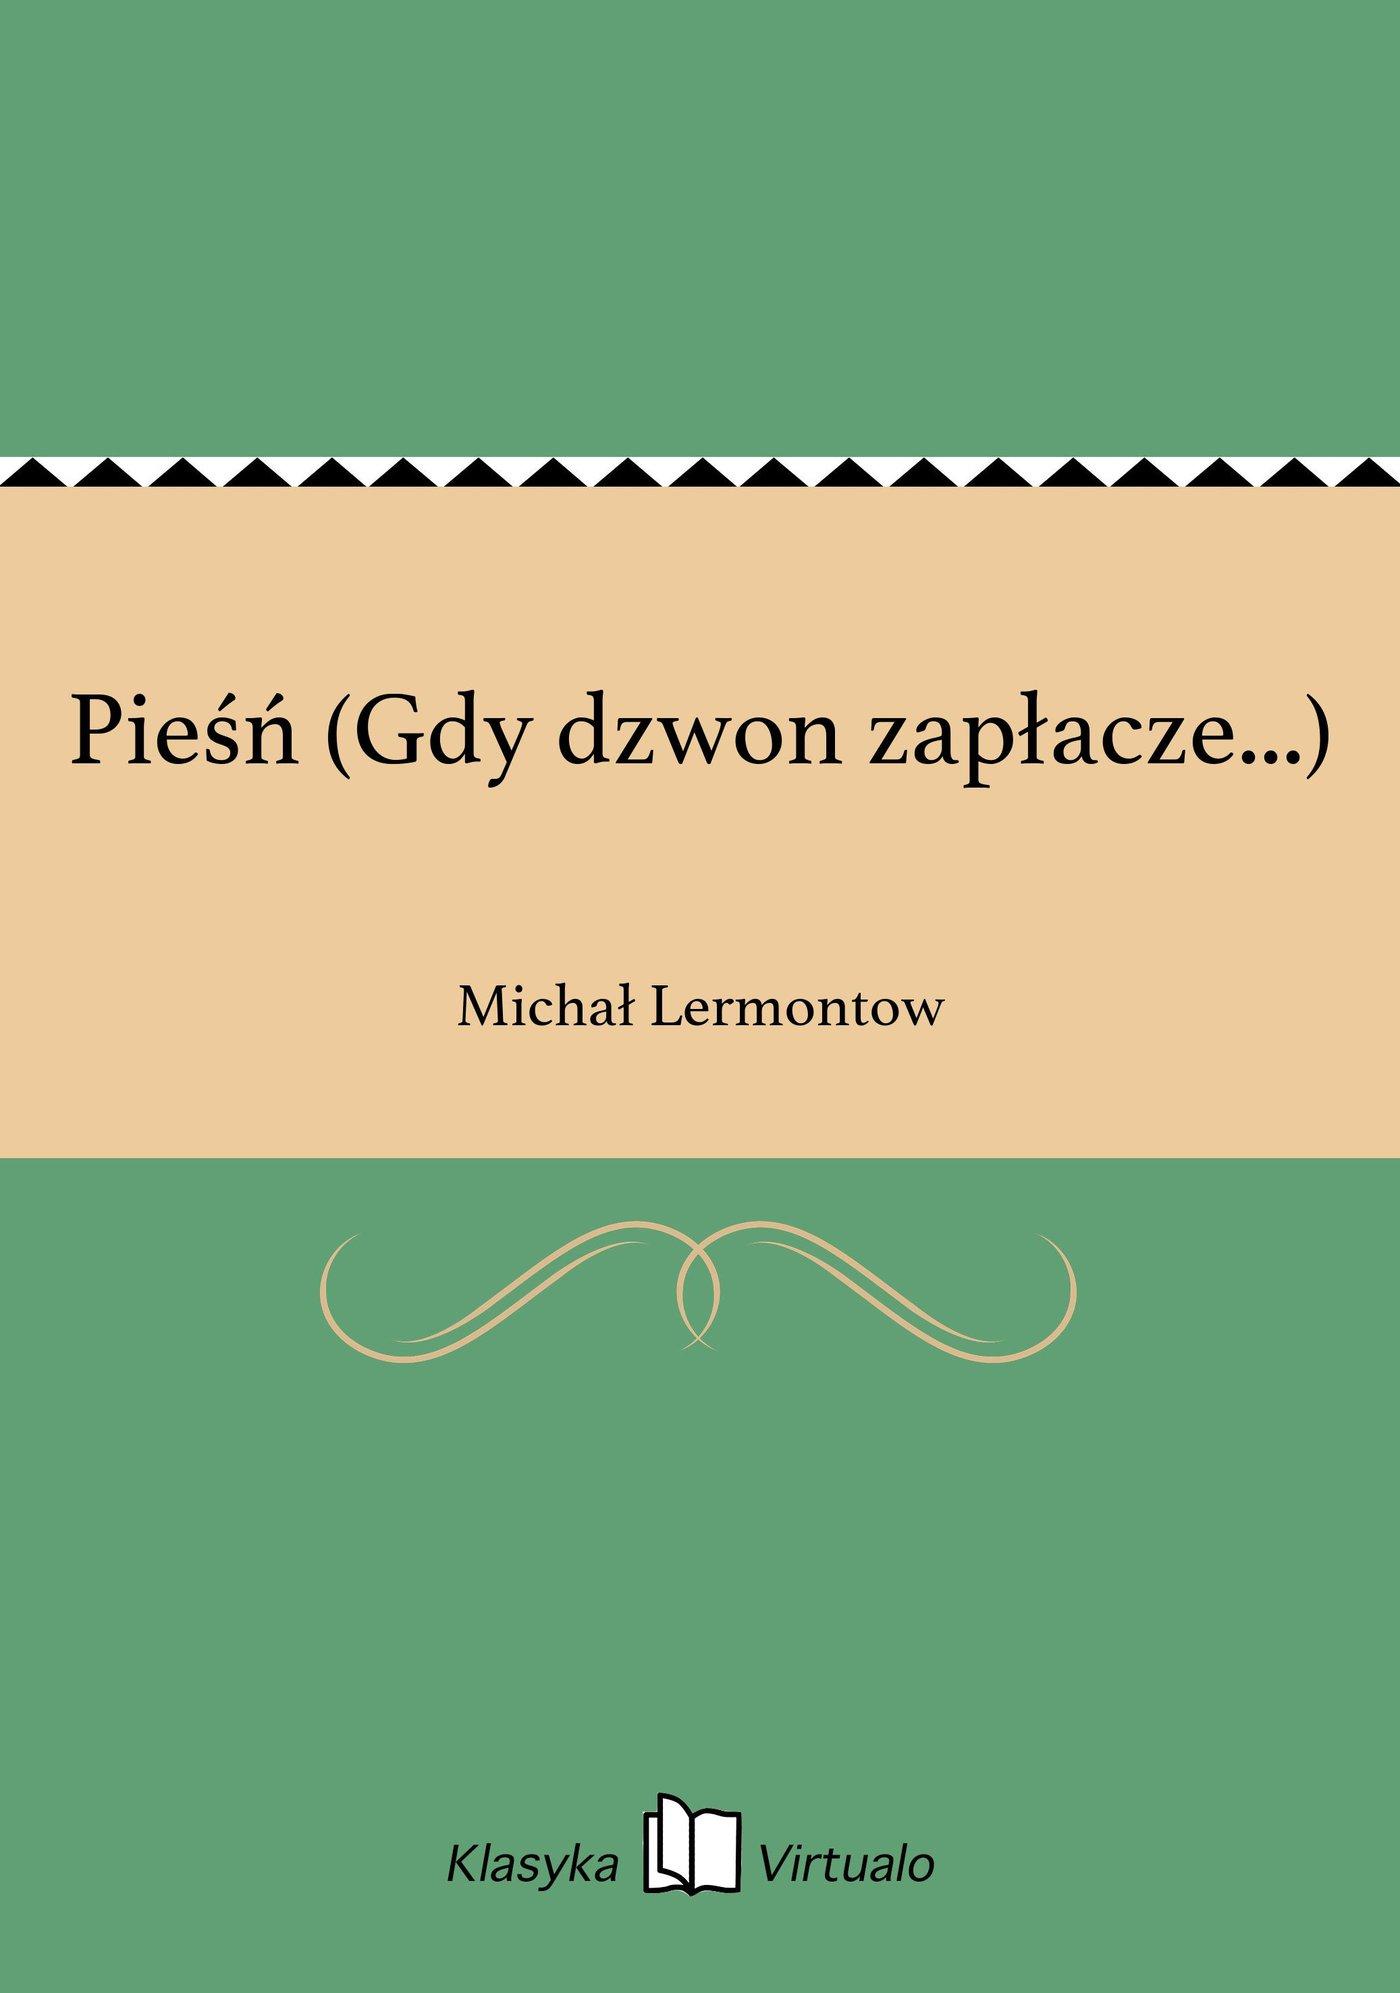 Pieśń (Gdy dzwon zapłacze...) - Ebook (Książka na Kindle) do pobrania w formacie MOBI